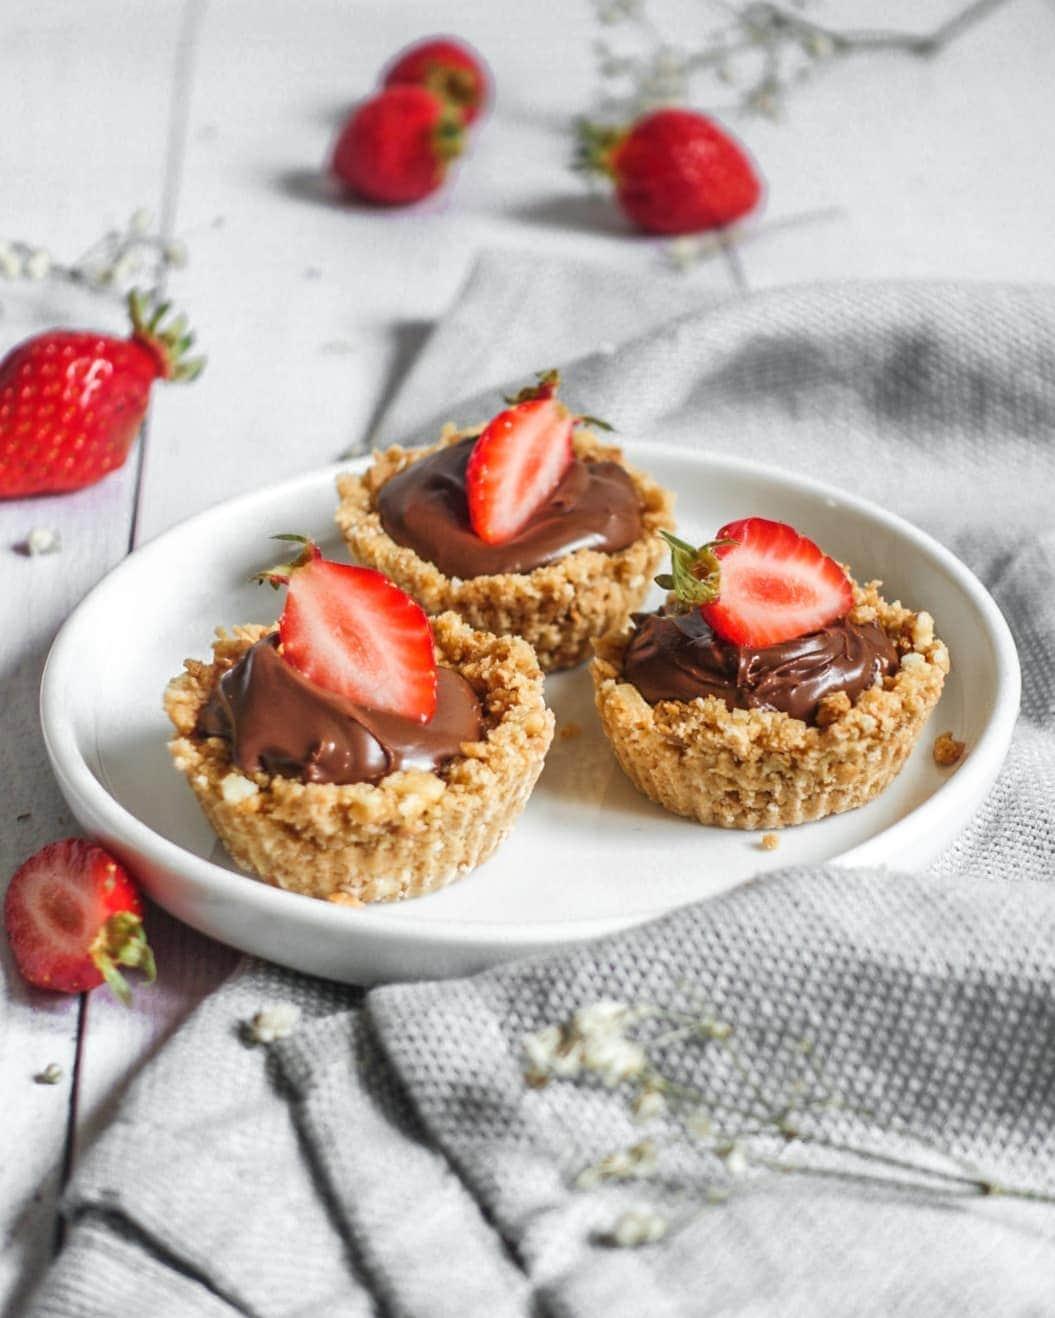 De minis tartelettes garnies de pâte à tartiner au chocolat et noisettes ainsi que de fraises